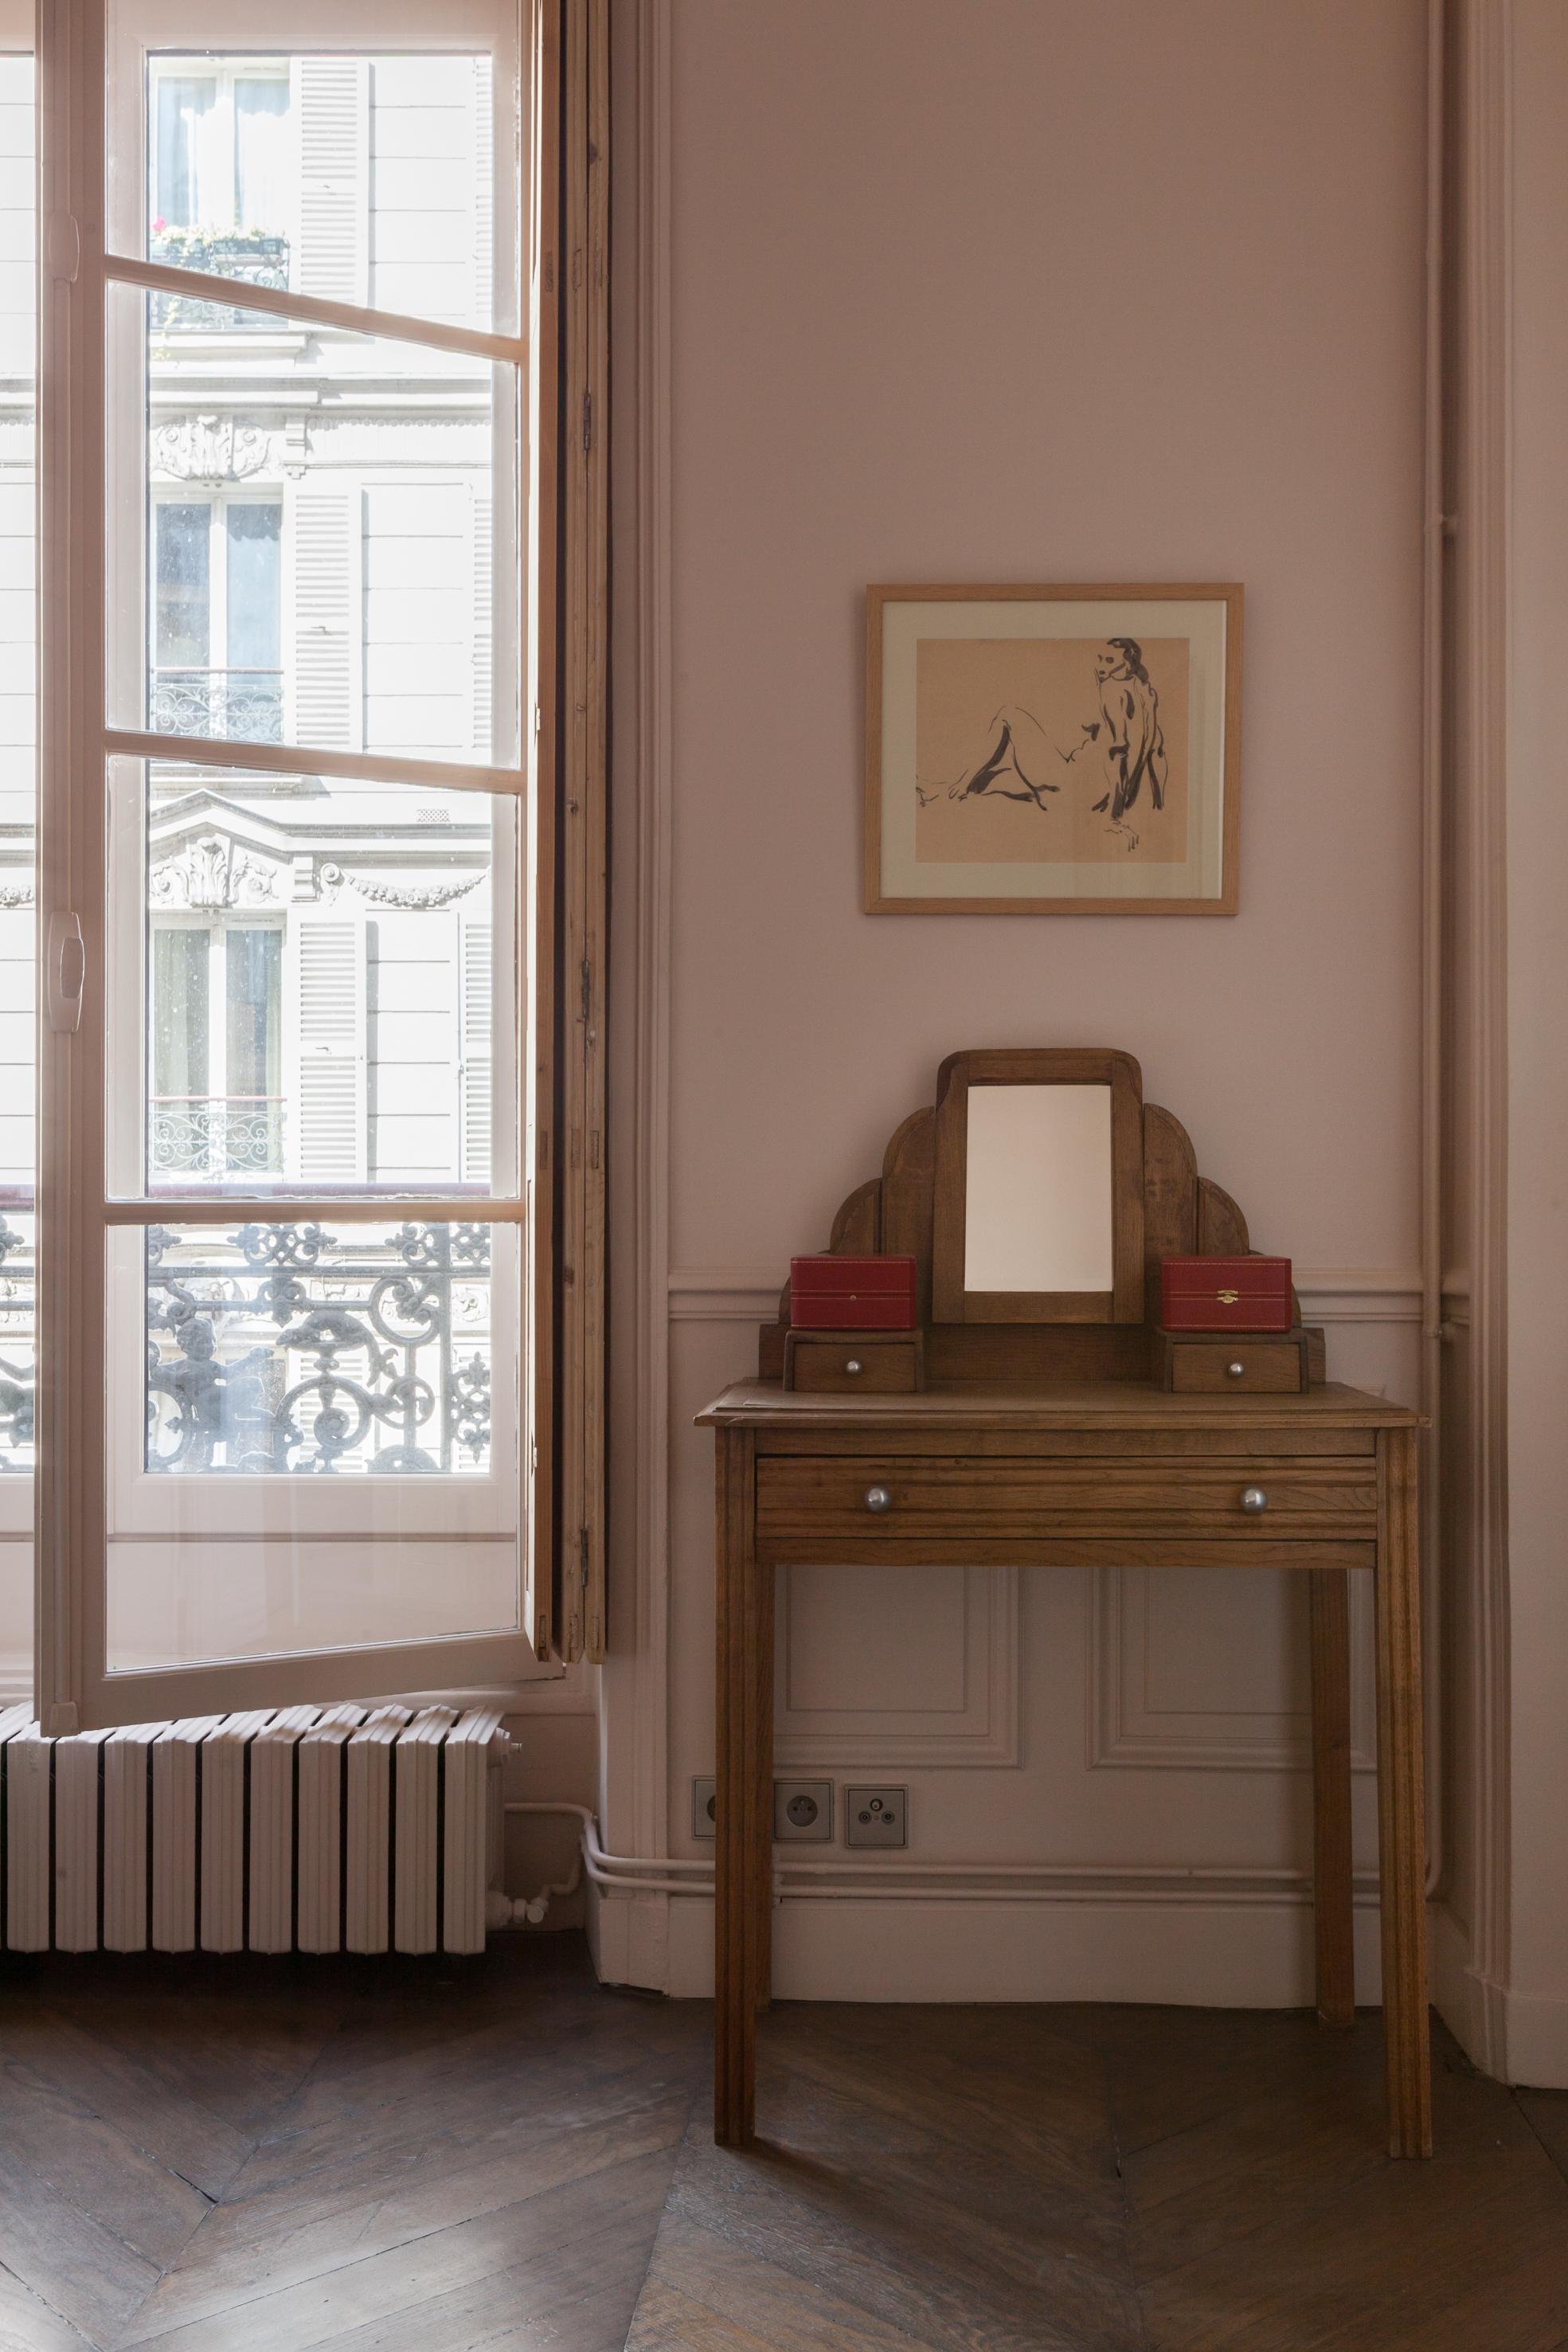 спальня радиатор французские окна стеновые панели молдинги консоль